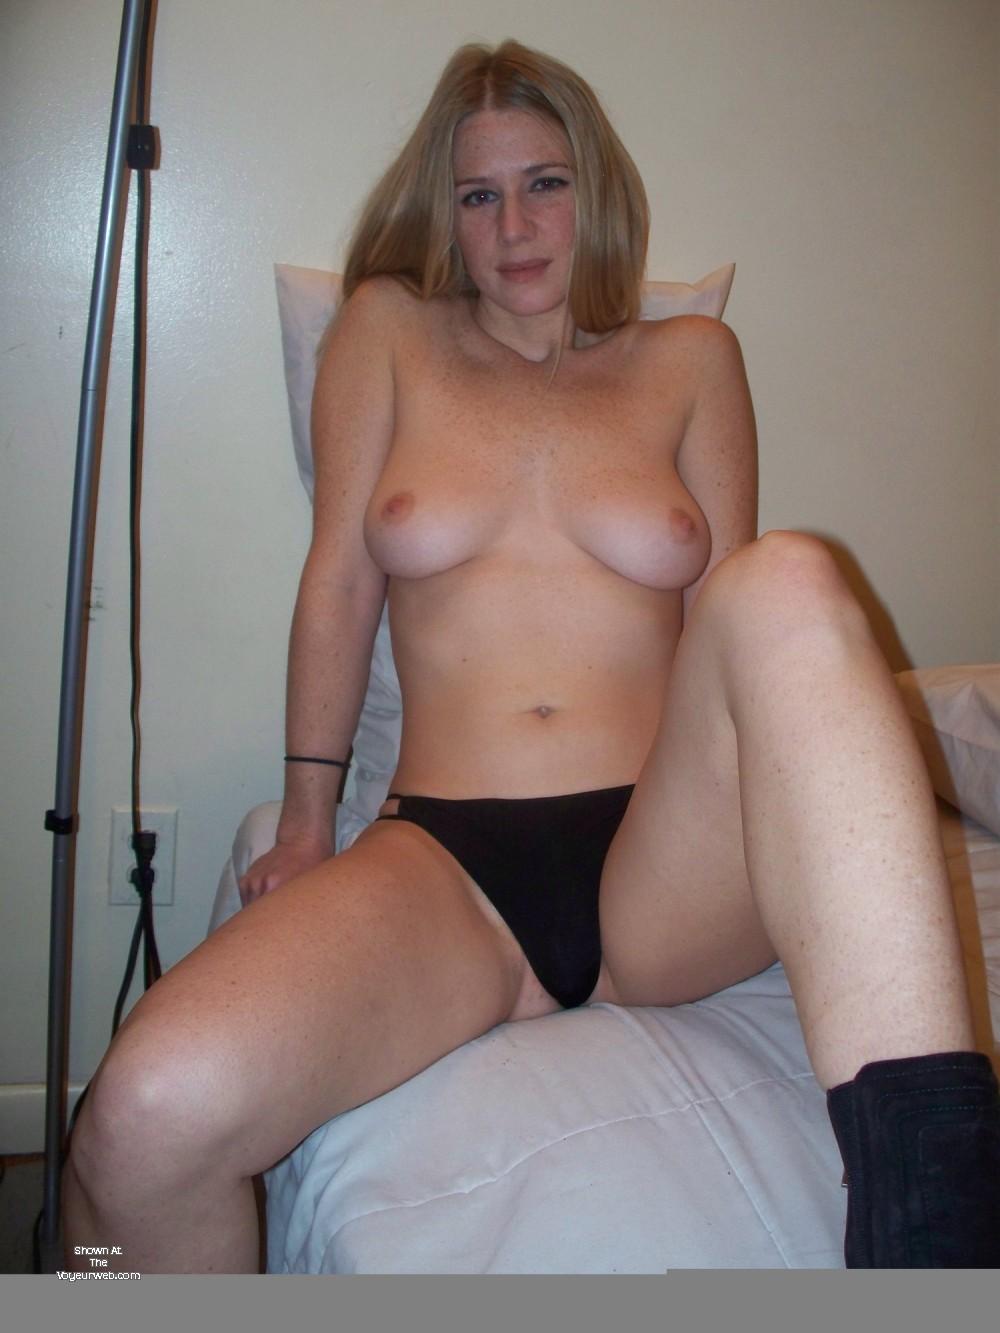 Pawg gf amateur porn